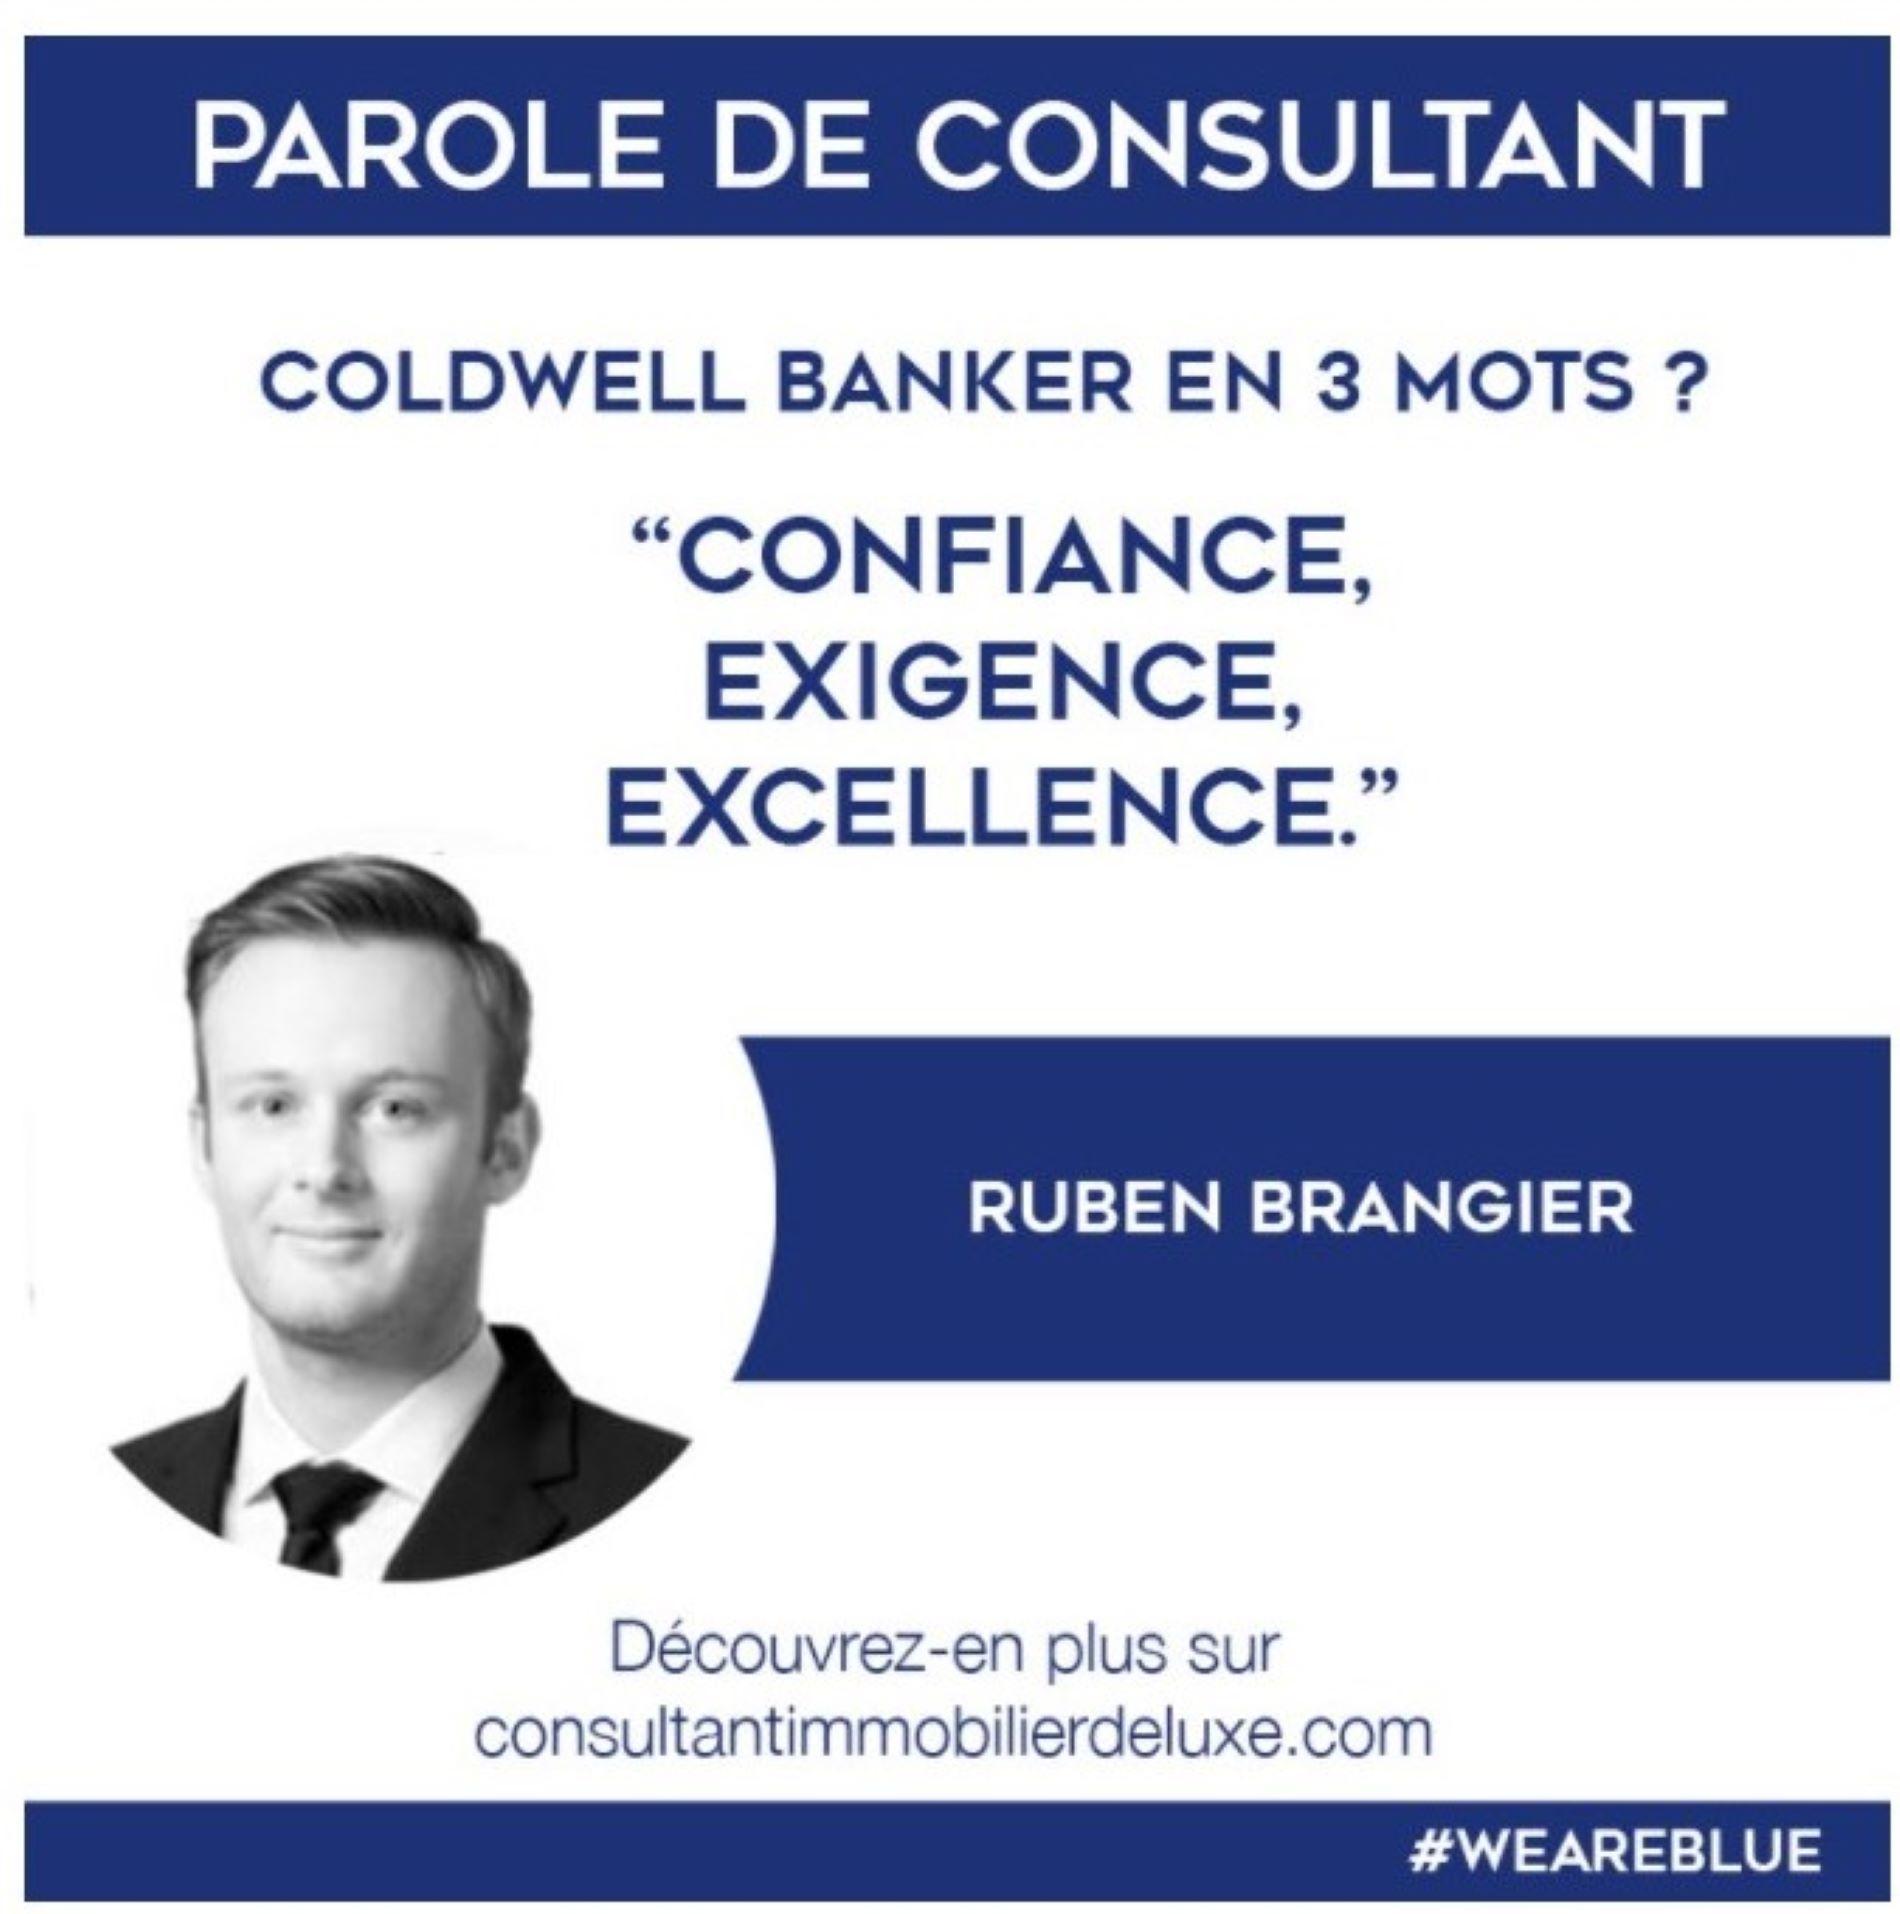 Parole de consultant Coldwell Banker